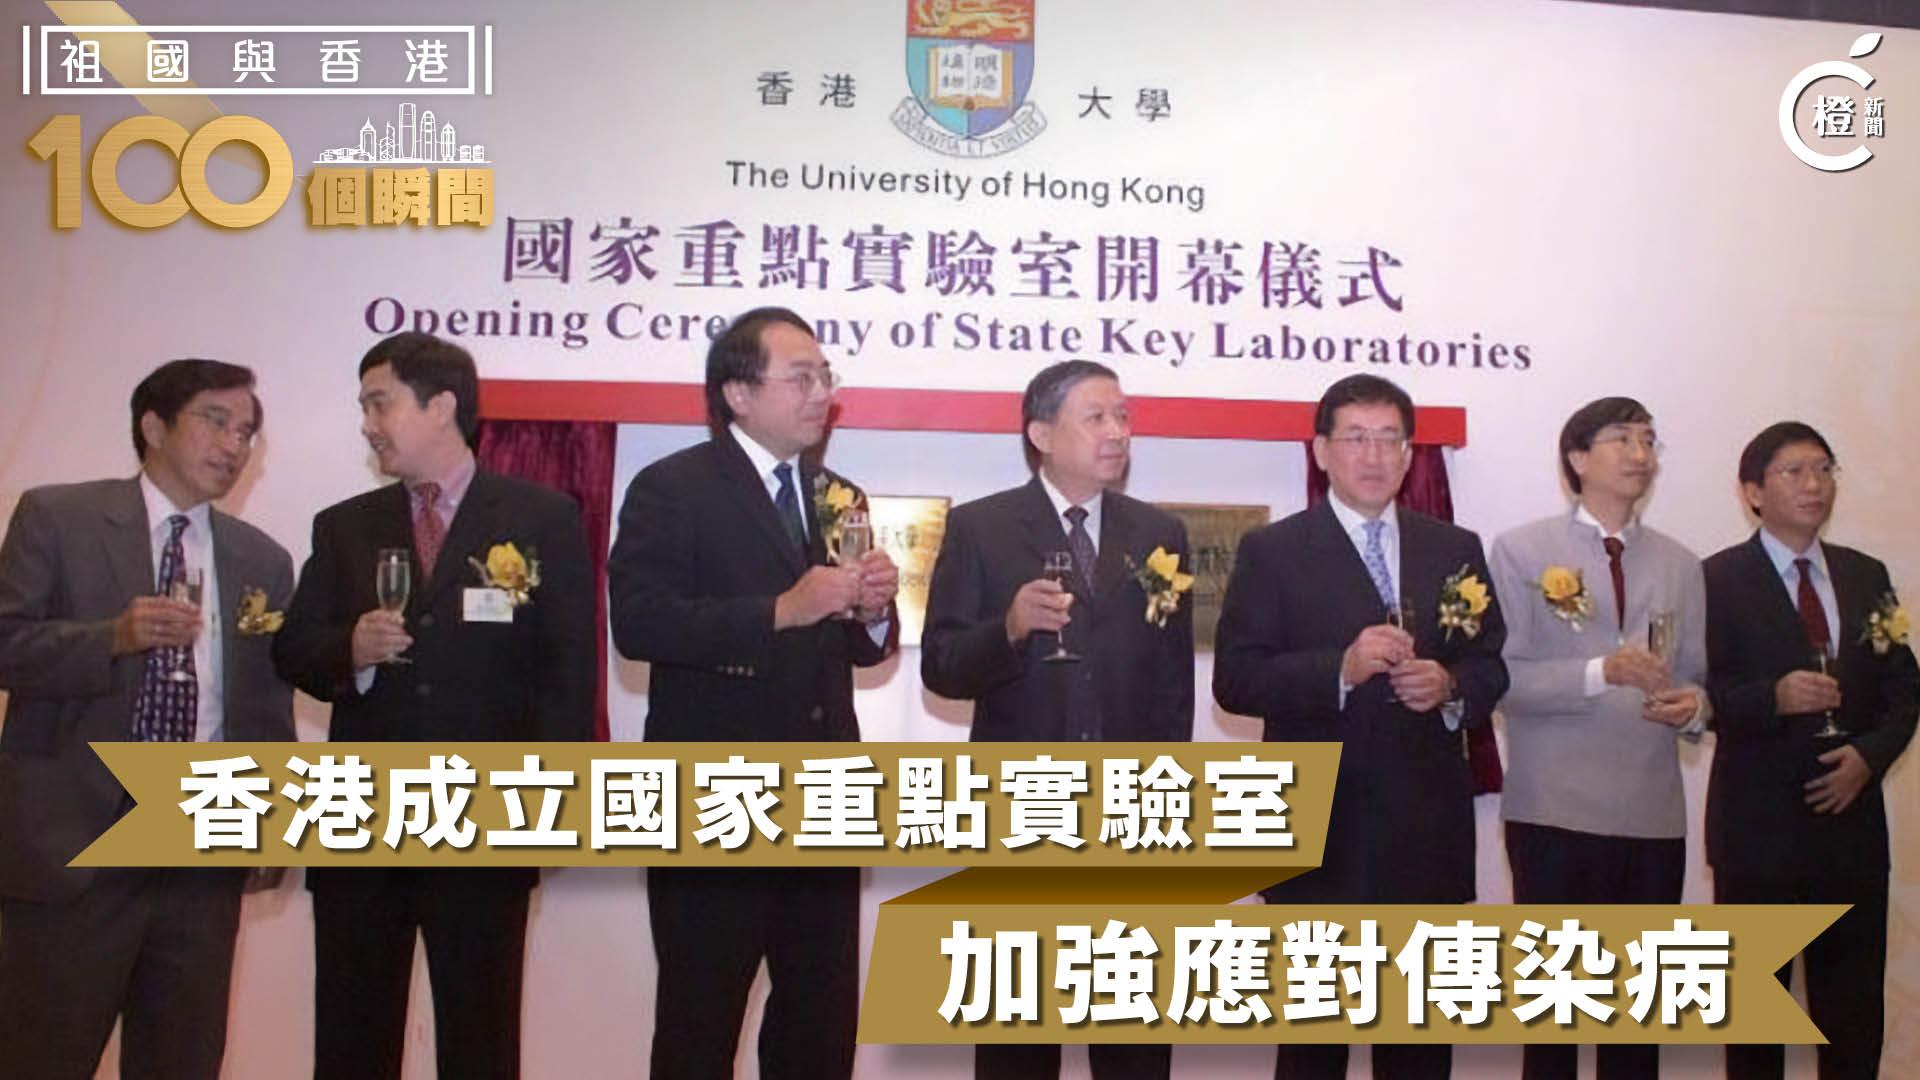 【祖國與香港100個瞬間】香港首設國家重點實驗室 加強應對傳染病